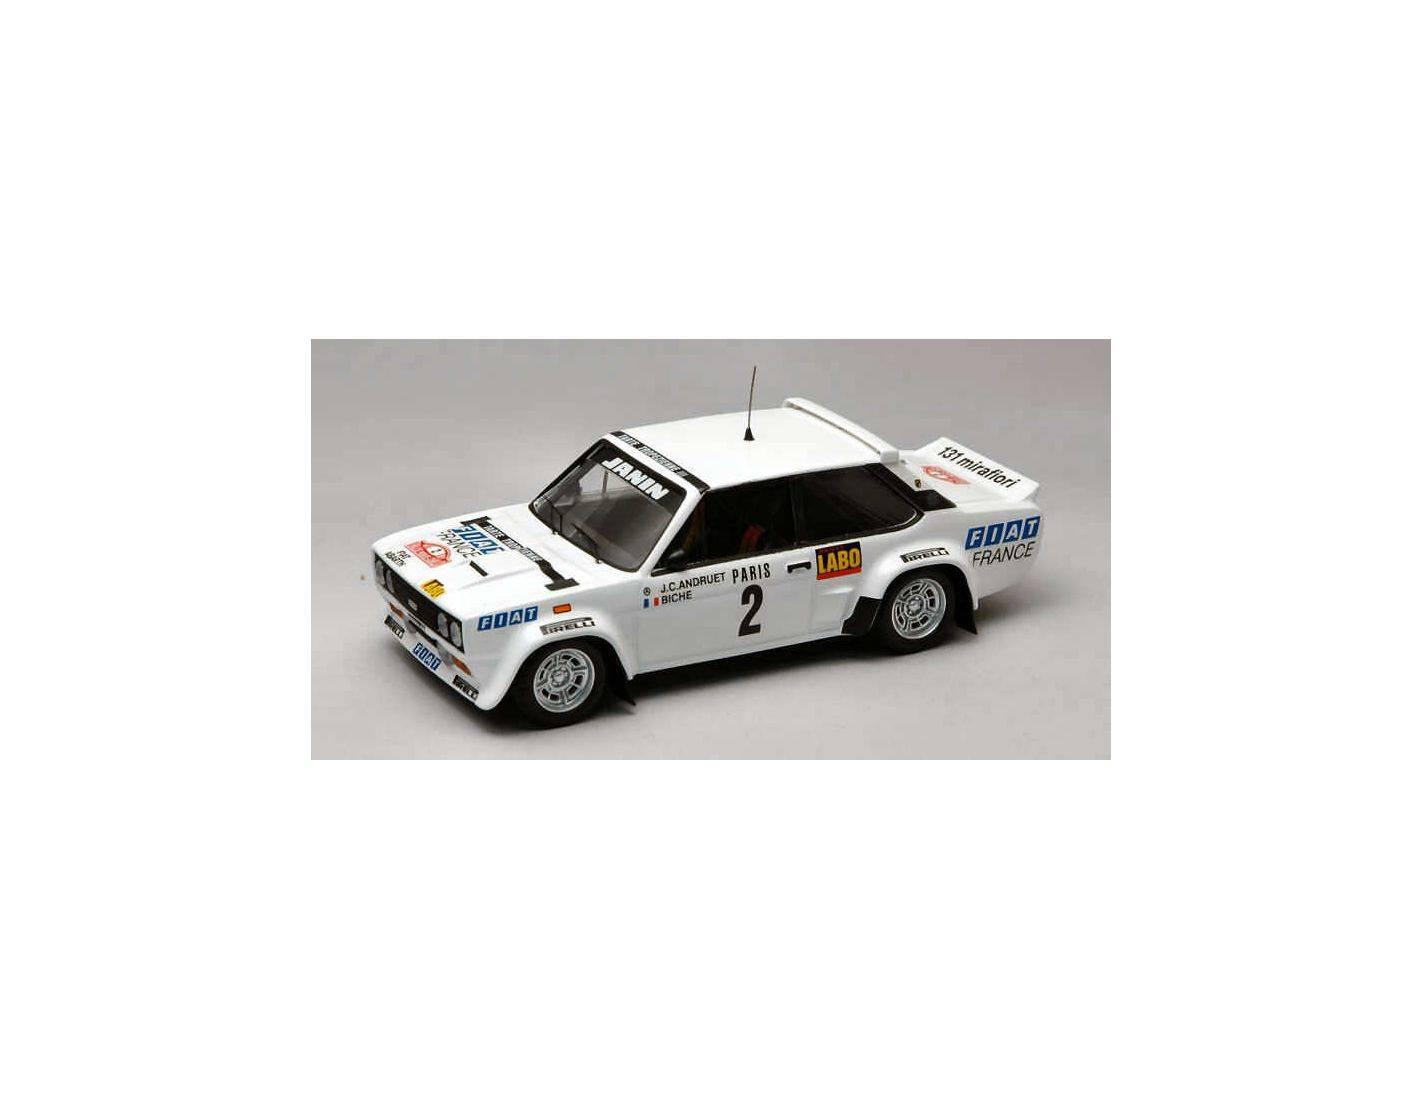 Trofeu TF1404 FIAT 131 ABARTH N.2 2nd MONTE CARLO 1977 J.C.ANDRUET-BICHE 1:43 Modellino